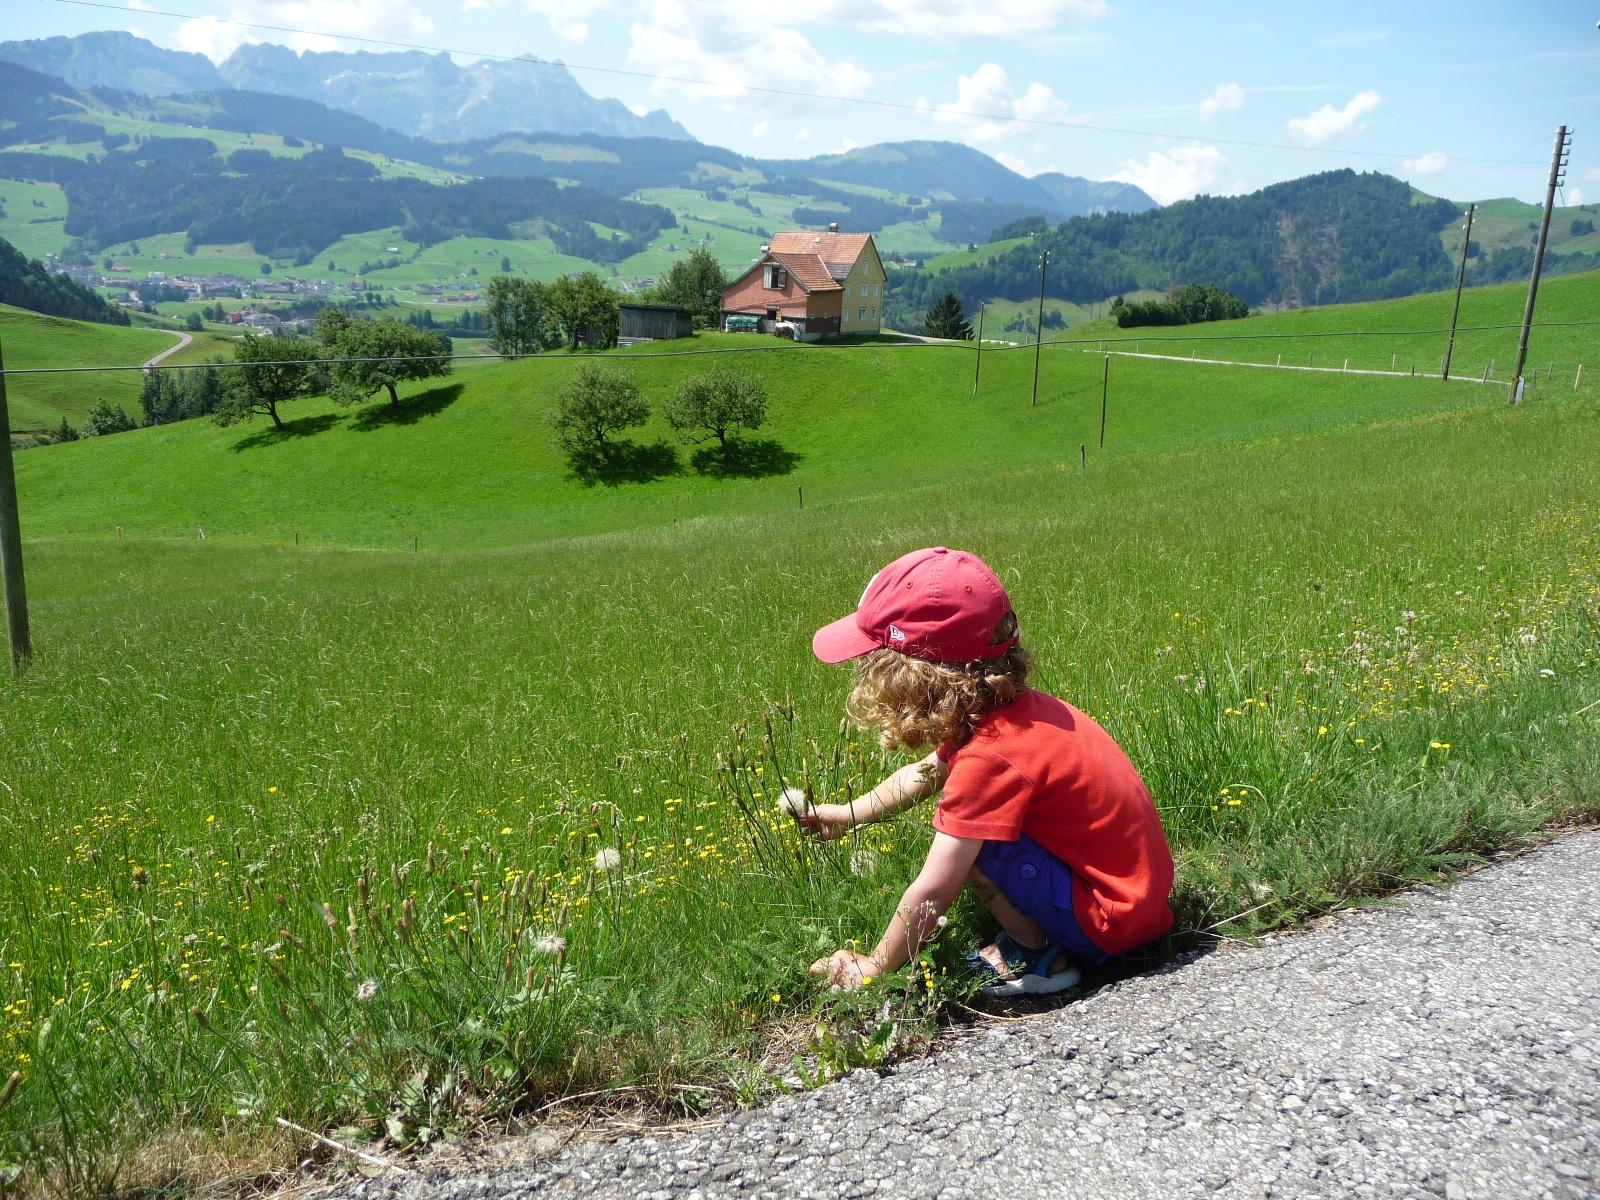 Wunderschöne Appenzeller Natur auf dieser Familienwanderung in Appenzell.